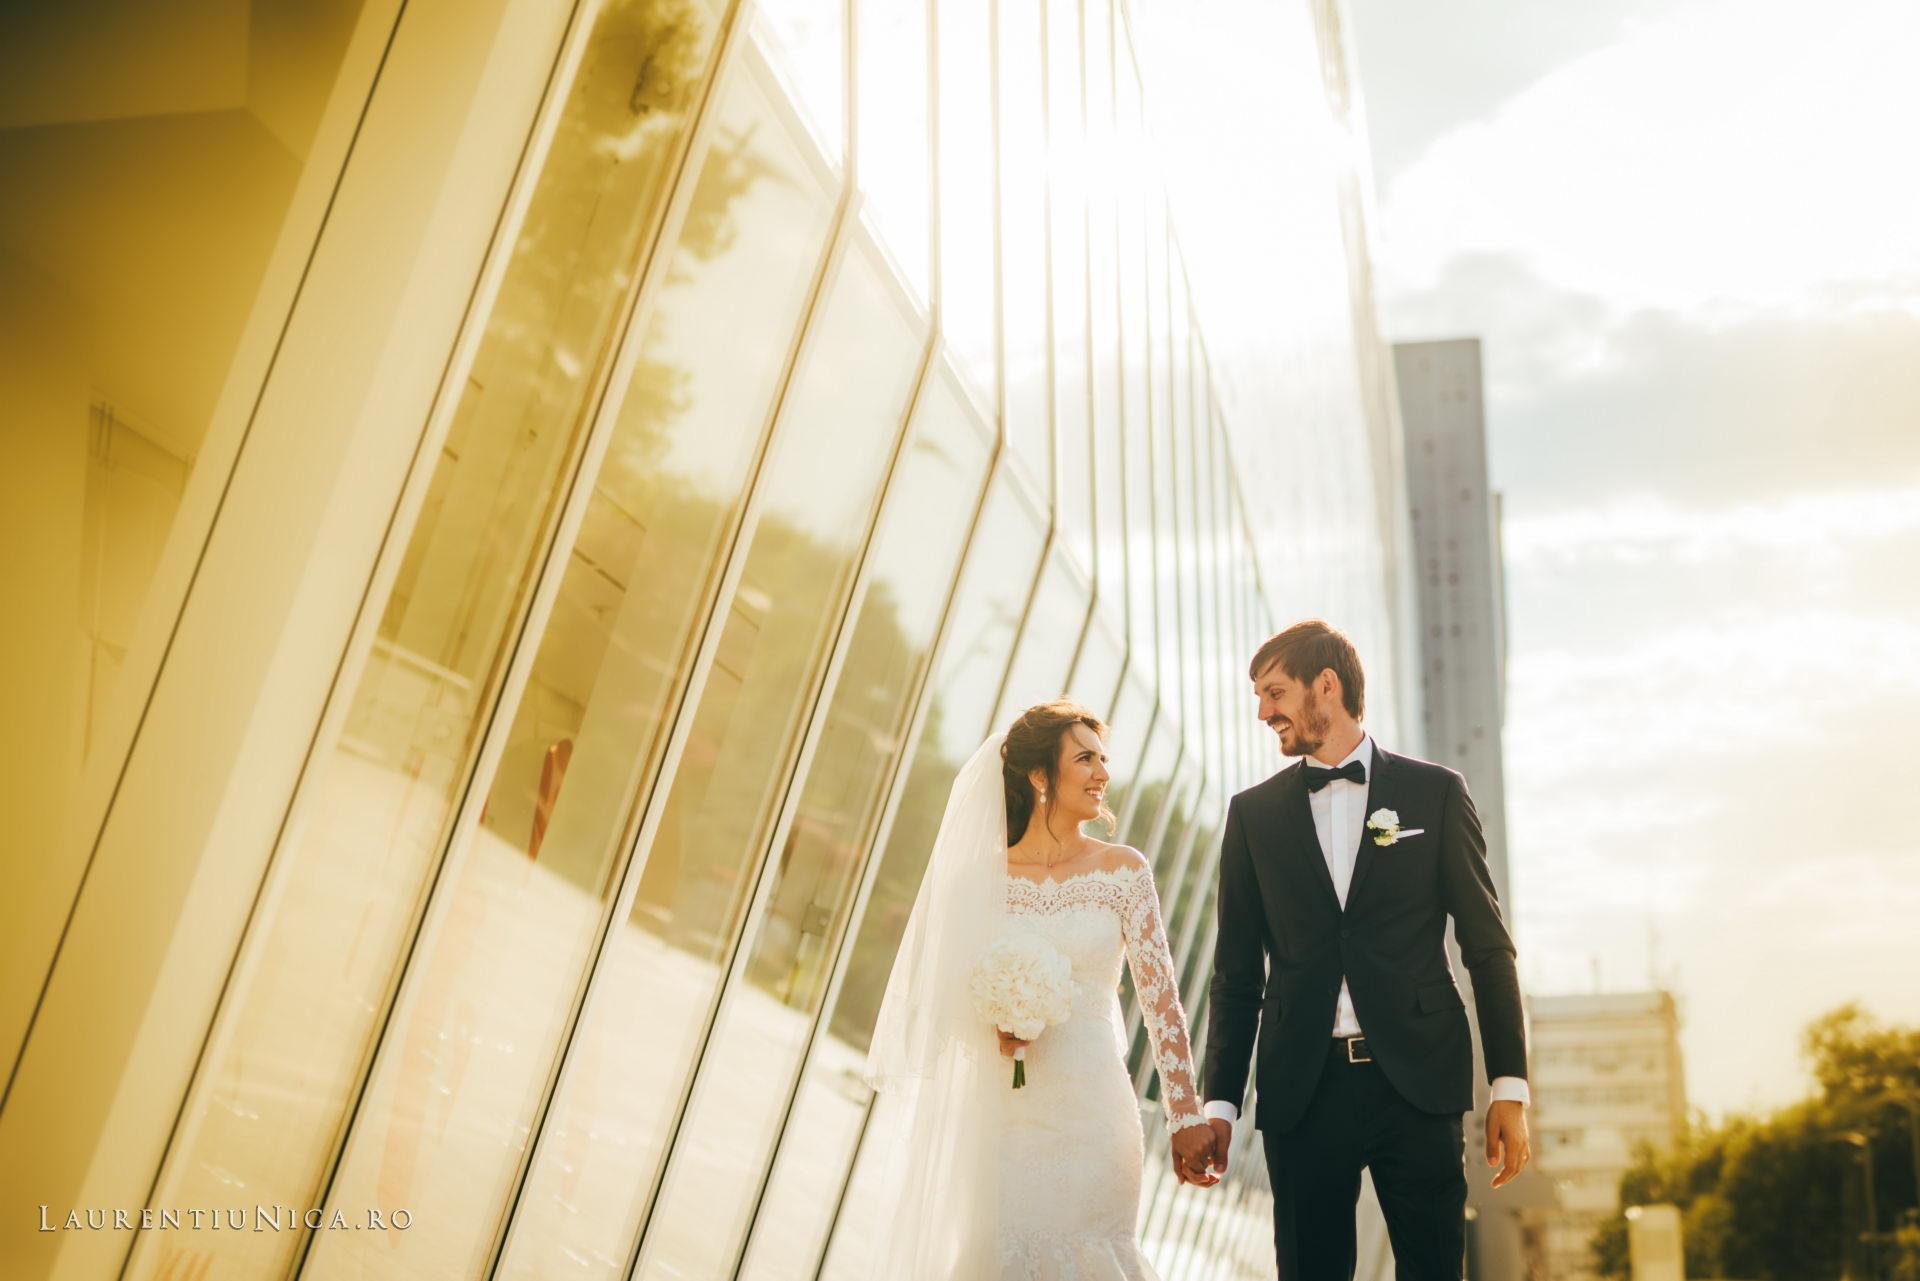 Cristina si Ovidiu nunta Craiova fotograf laurentiu nica 103 - Cristina & Ovidiu | Fotografii nunta | Craiova